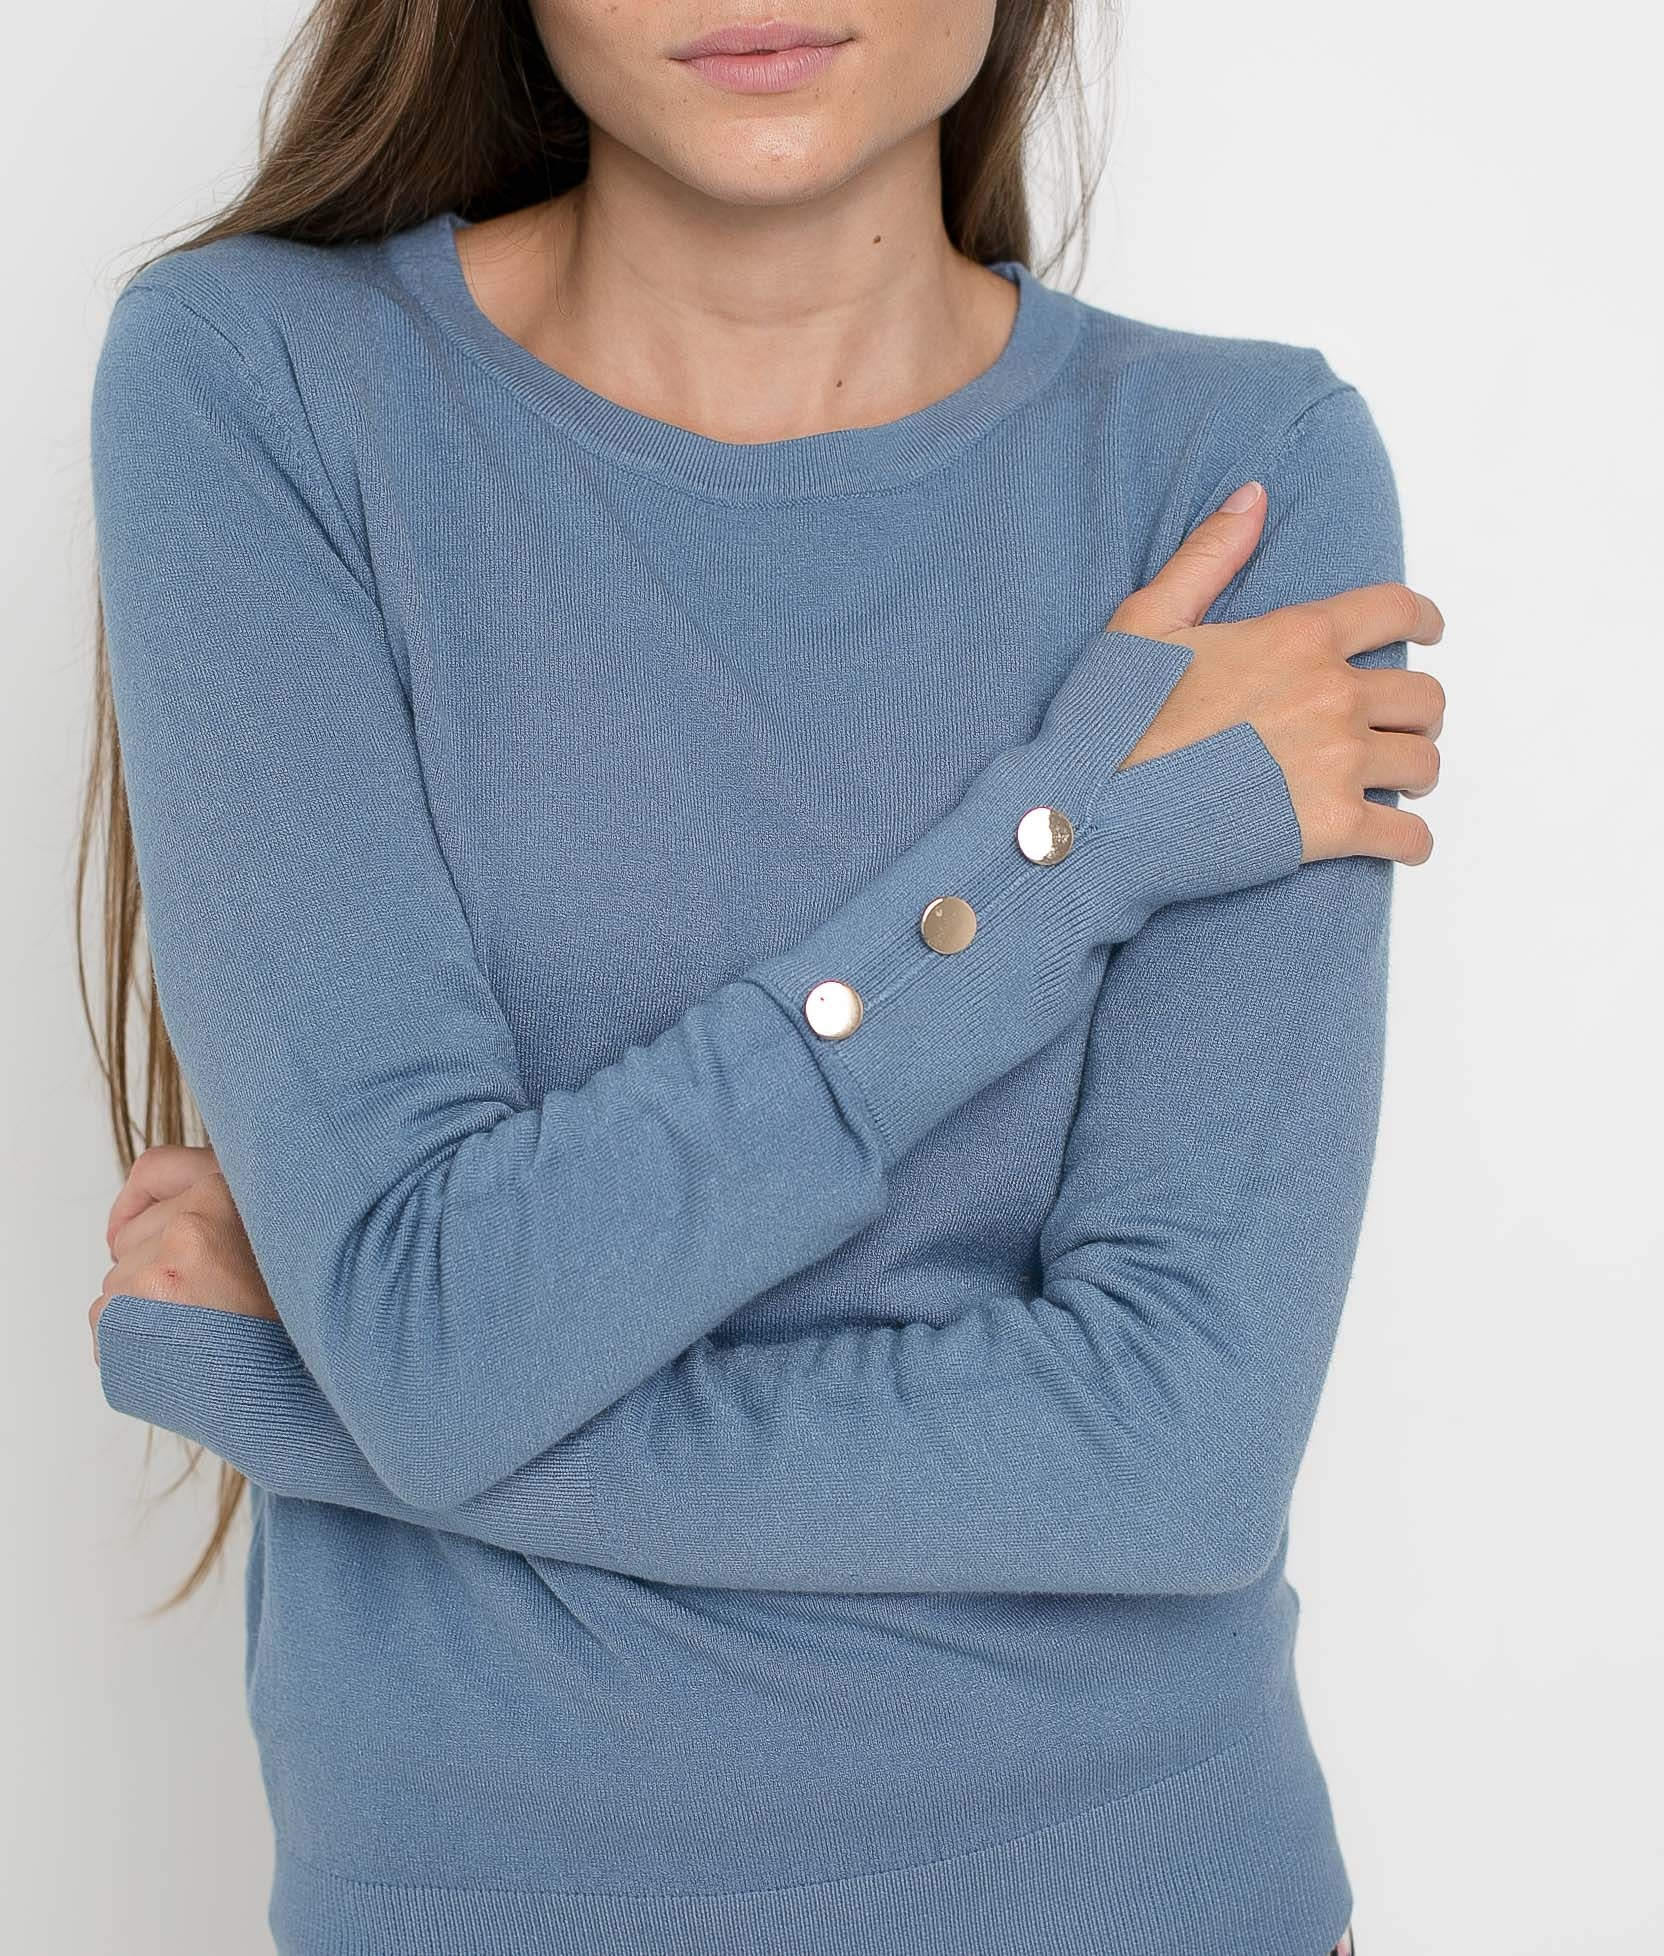 SWEATER KALINA - BLUE